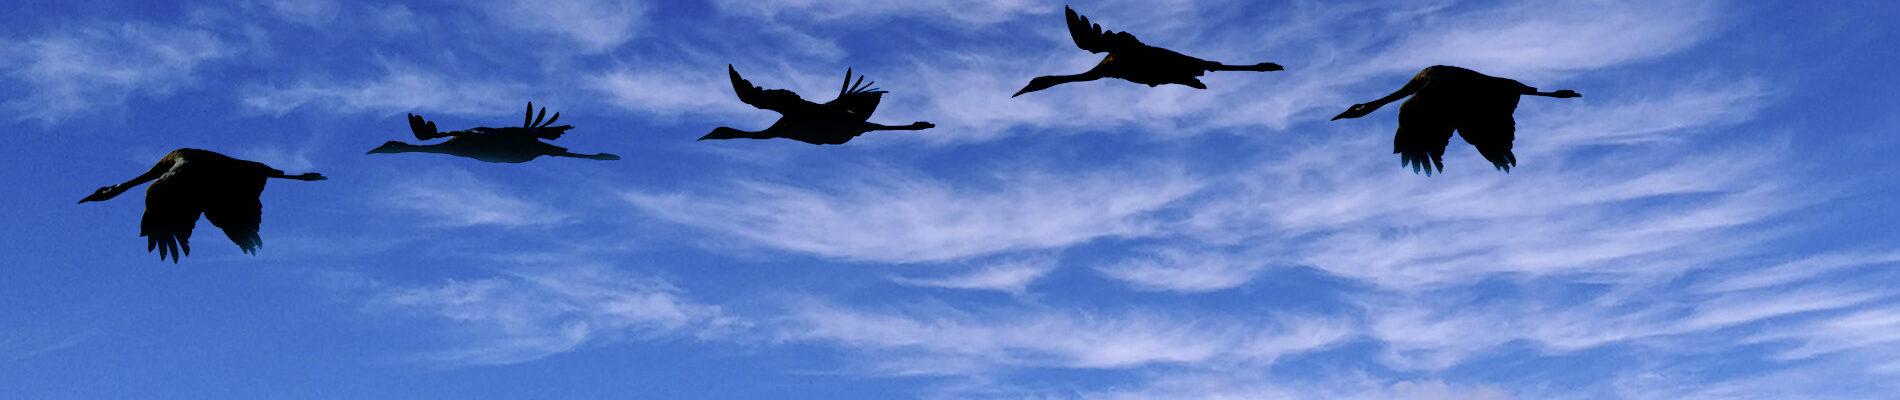 Grullas volando en Extremadura